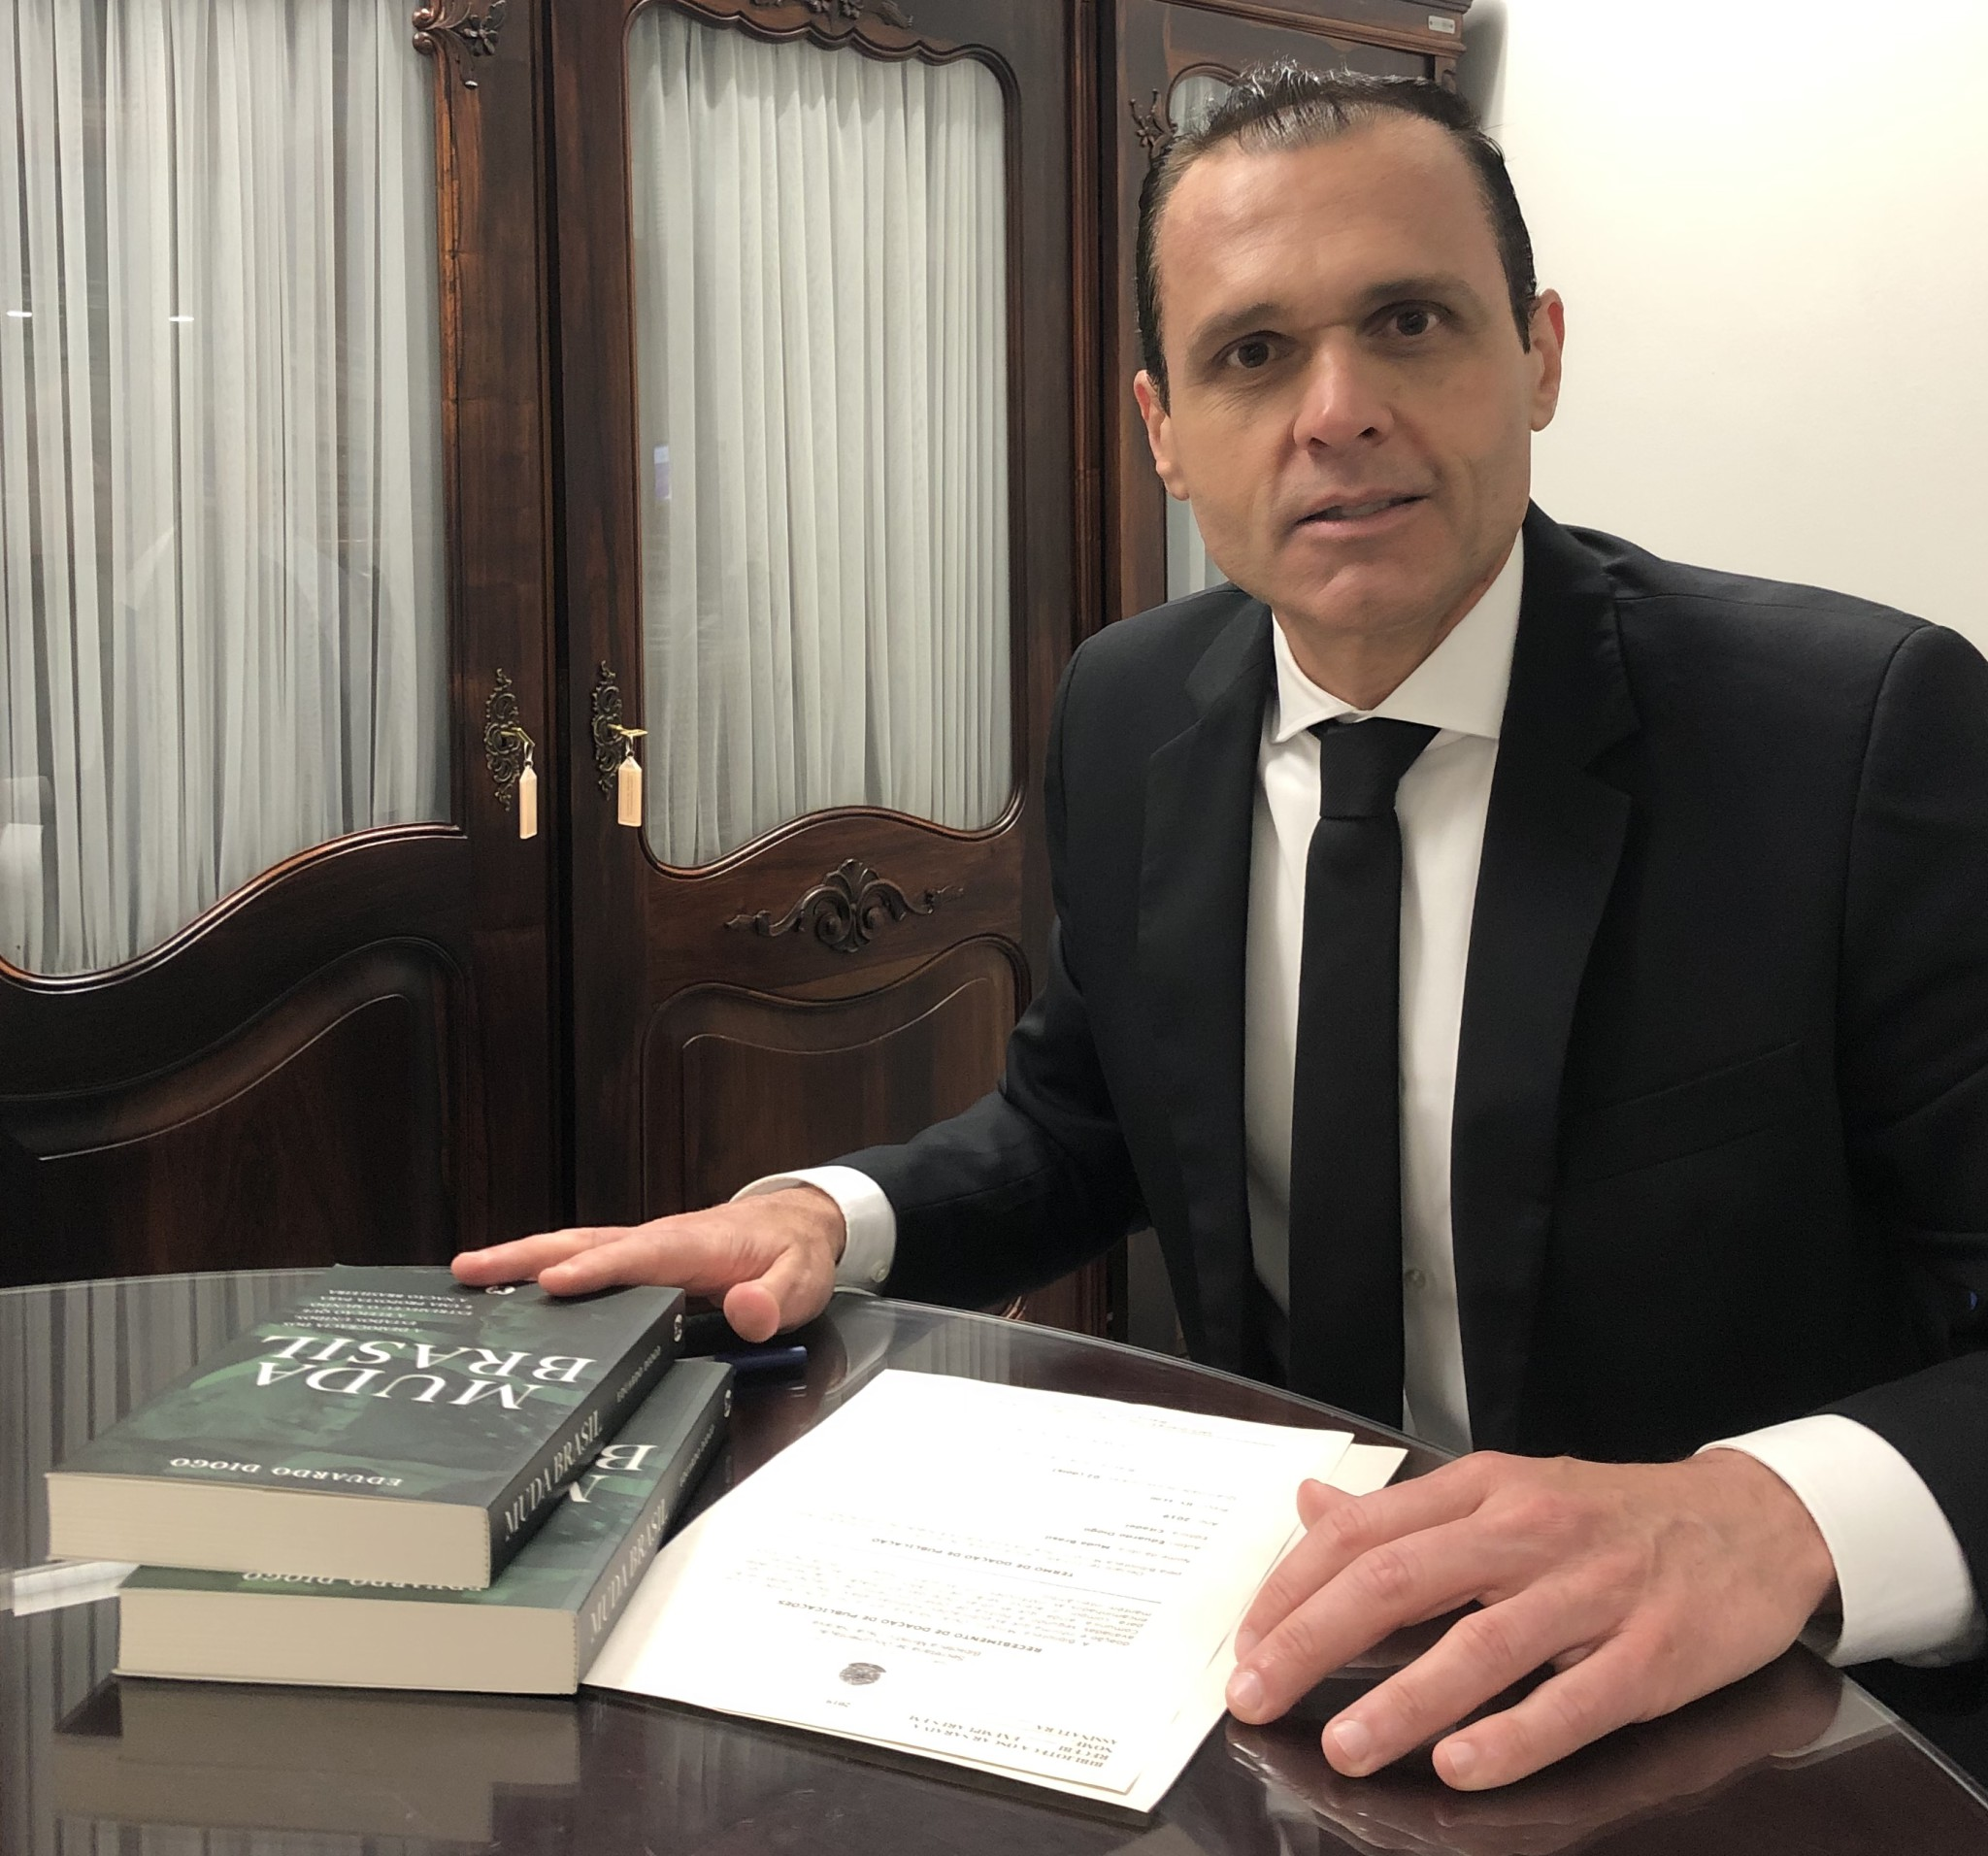 Doação do Livro Muda Brasil a Biblioteca do STJ